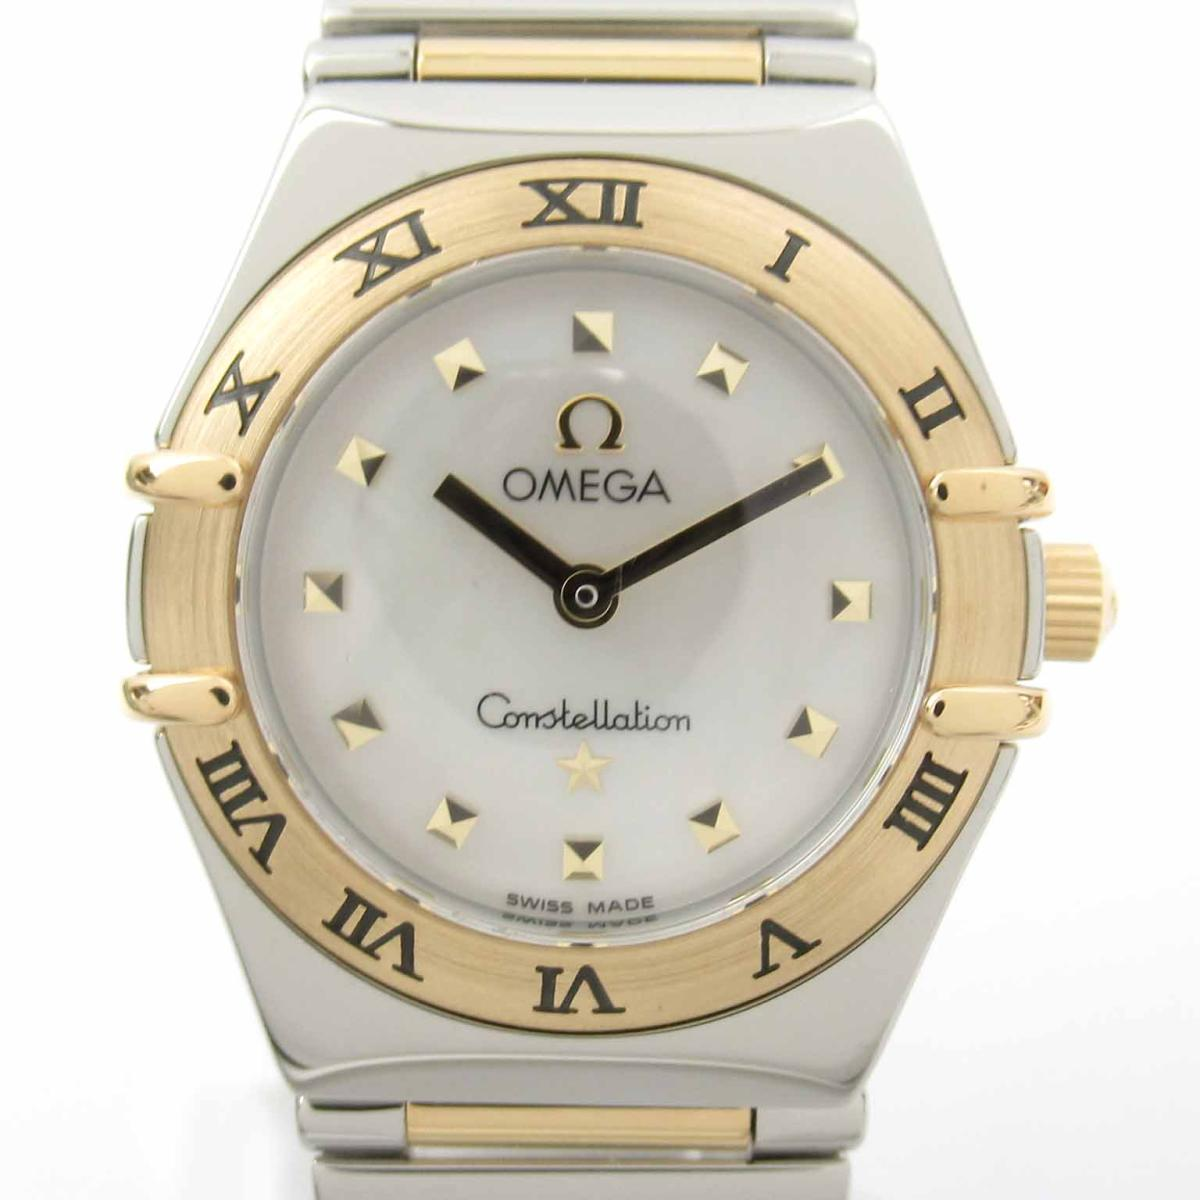 ≪期間限定≫メルマガ登録でクーポンGET! 【中古】 オメガ コンステレーション ウォッチ 腕時計 レディース K18YG (750)イエローゴールド ステンレススチール (SS)   OMEGA BRANDOFF ブランドオフ ブランド ブランド時計 ブランド腕時計 時計